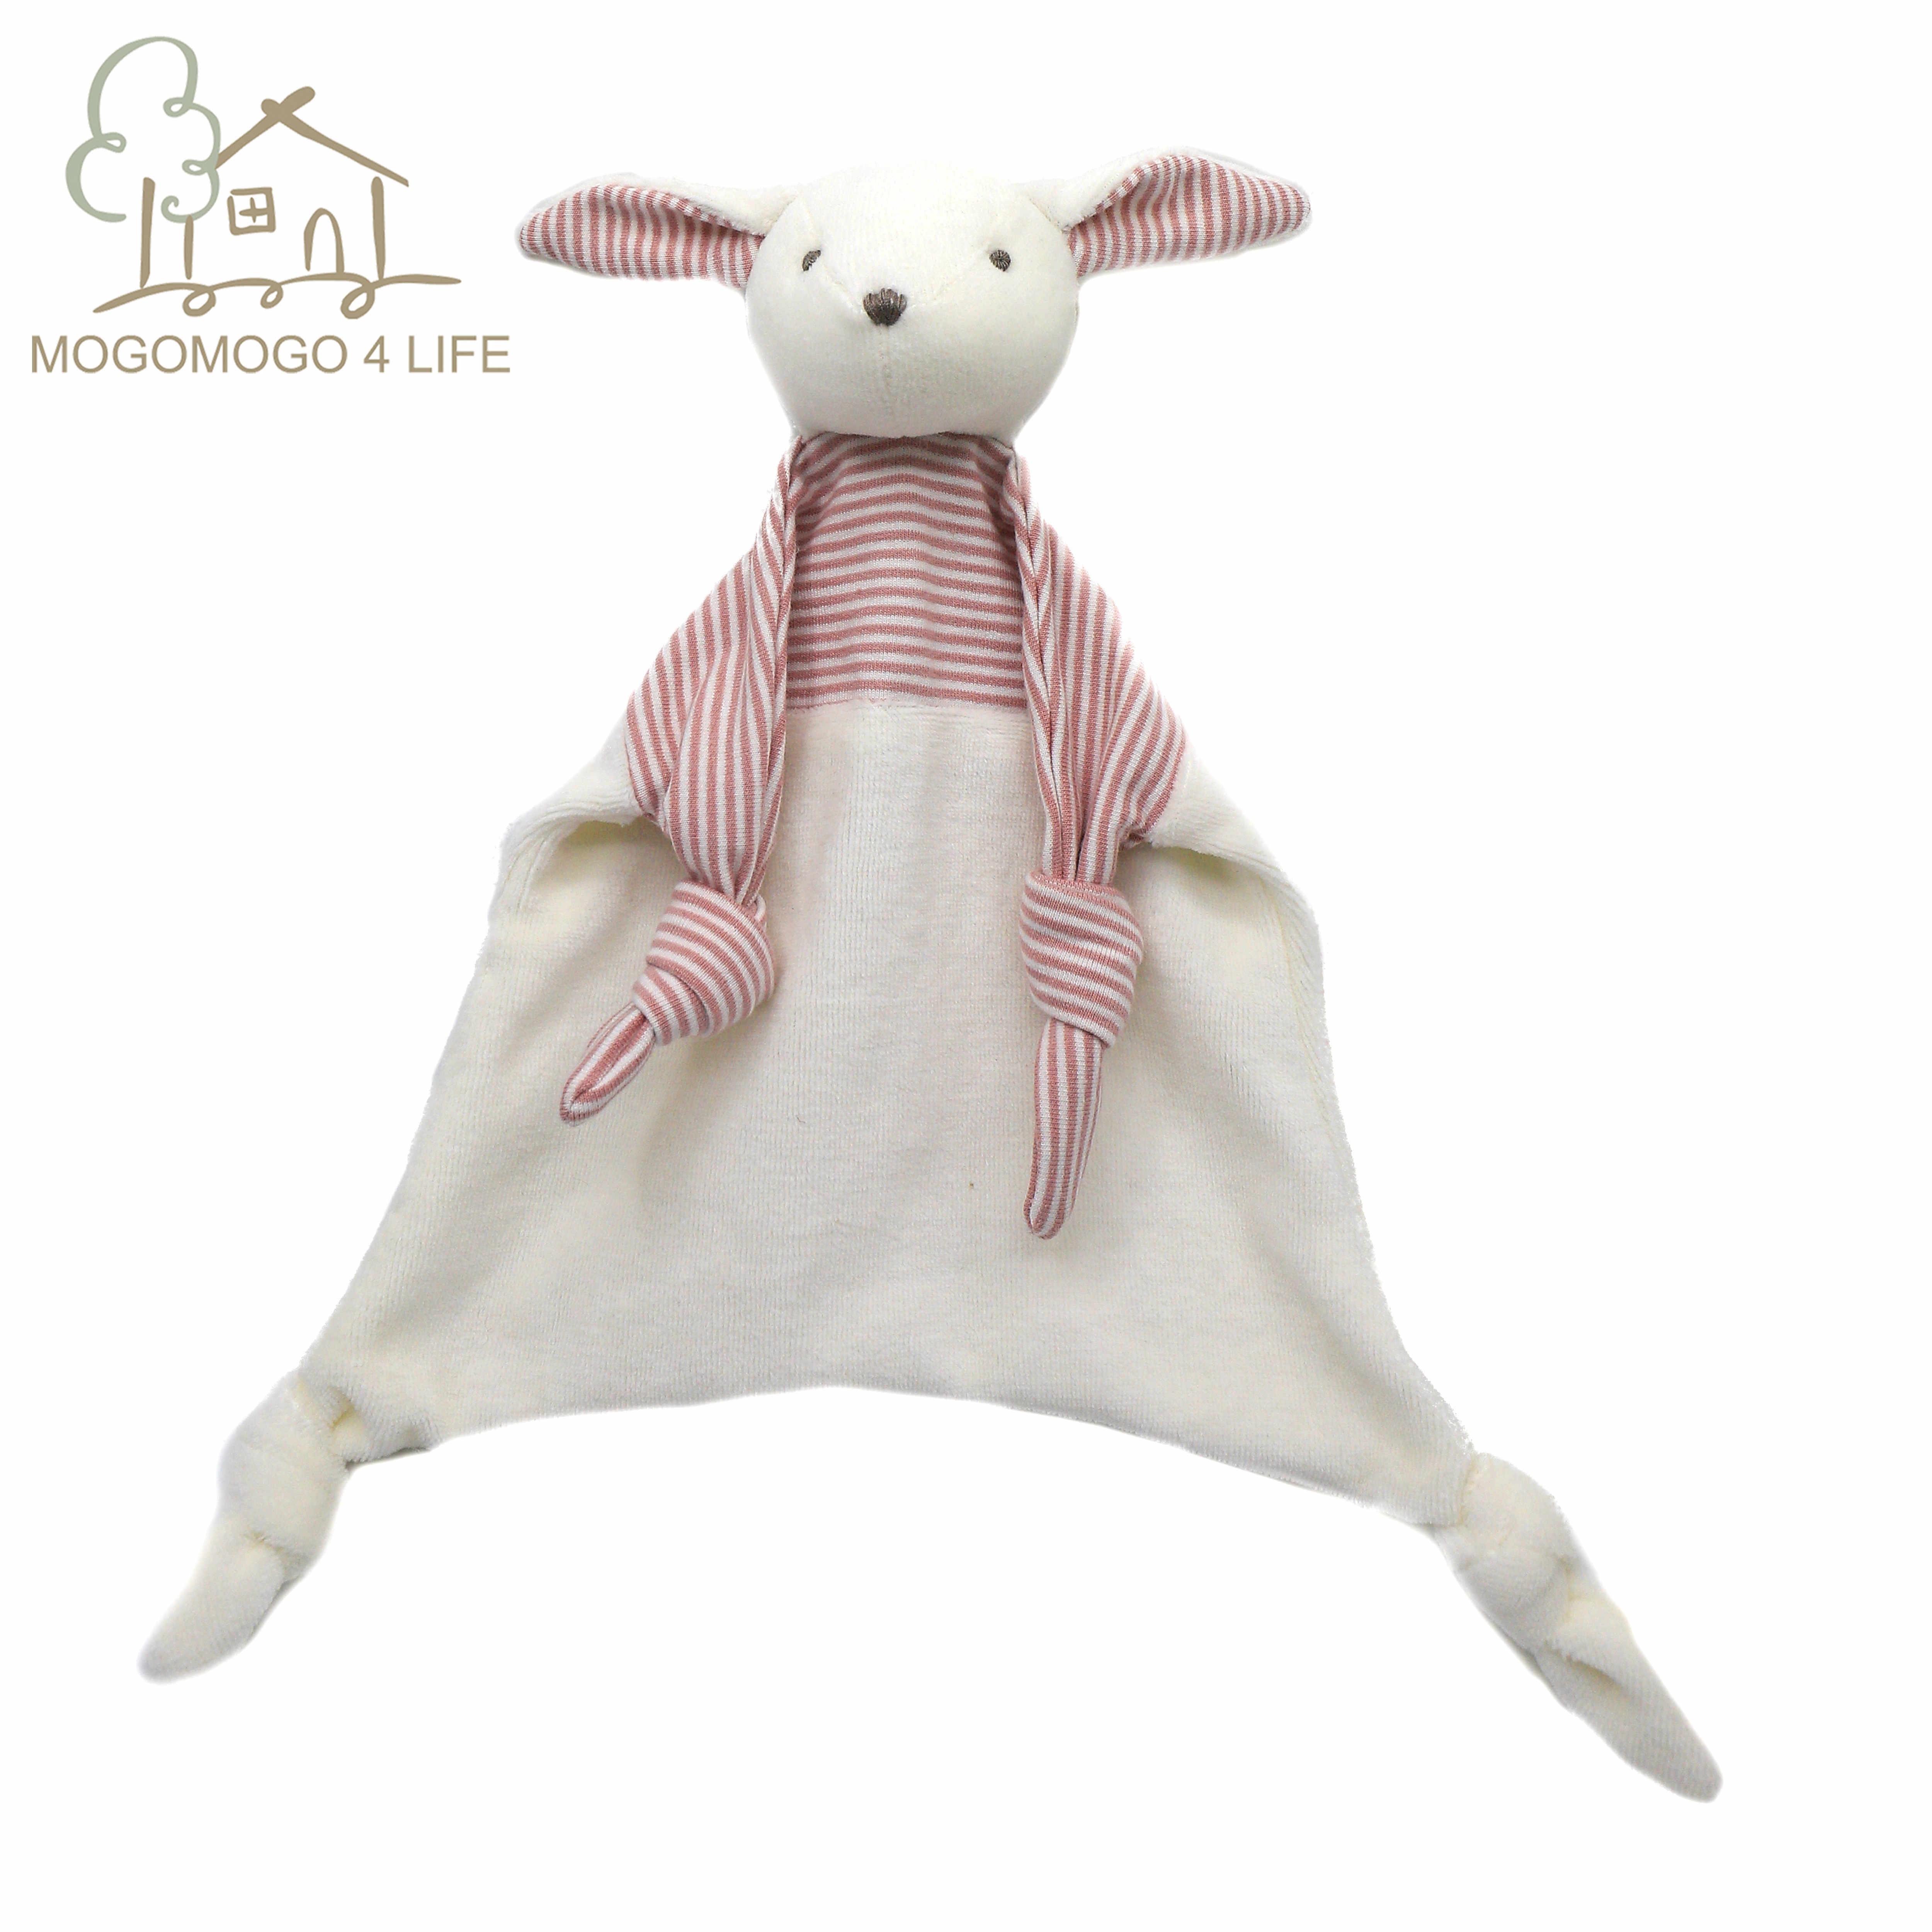 Luxus Baby Tröstlich Decke mit Bunny Plüsch Spielzeug Cartoon Baumwolle Weichen Quadratischen Baby Beschwichtigen Handtuch Sicherheit Decke für Neugeborene